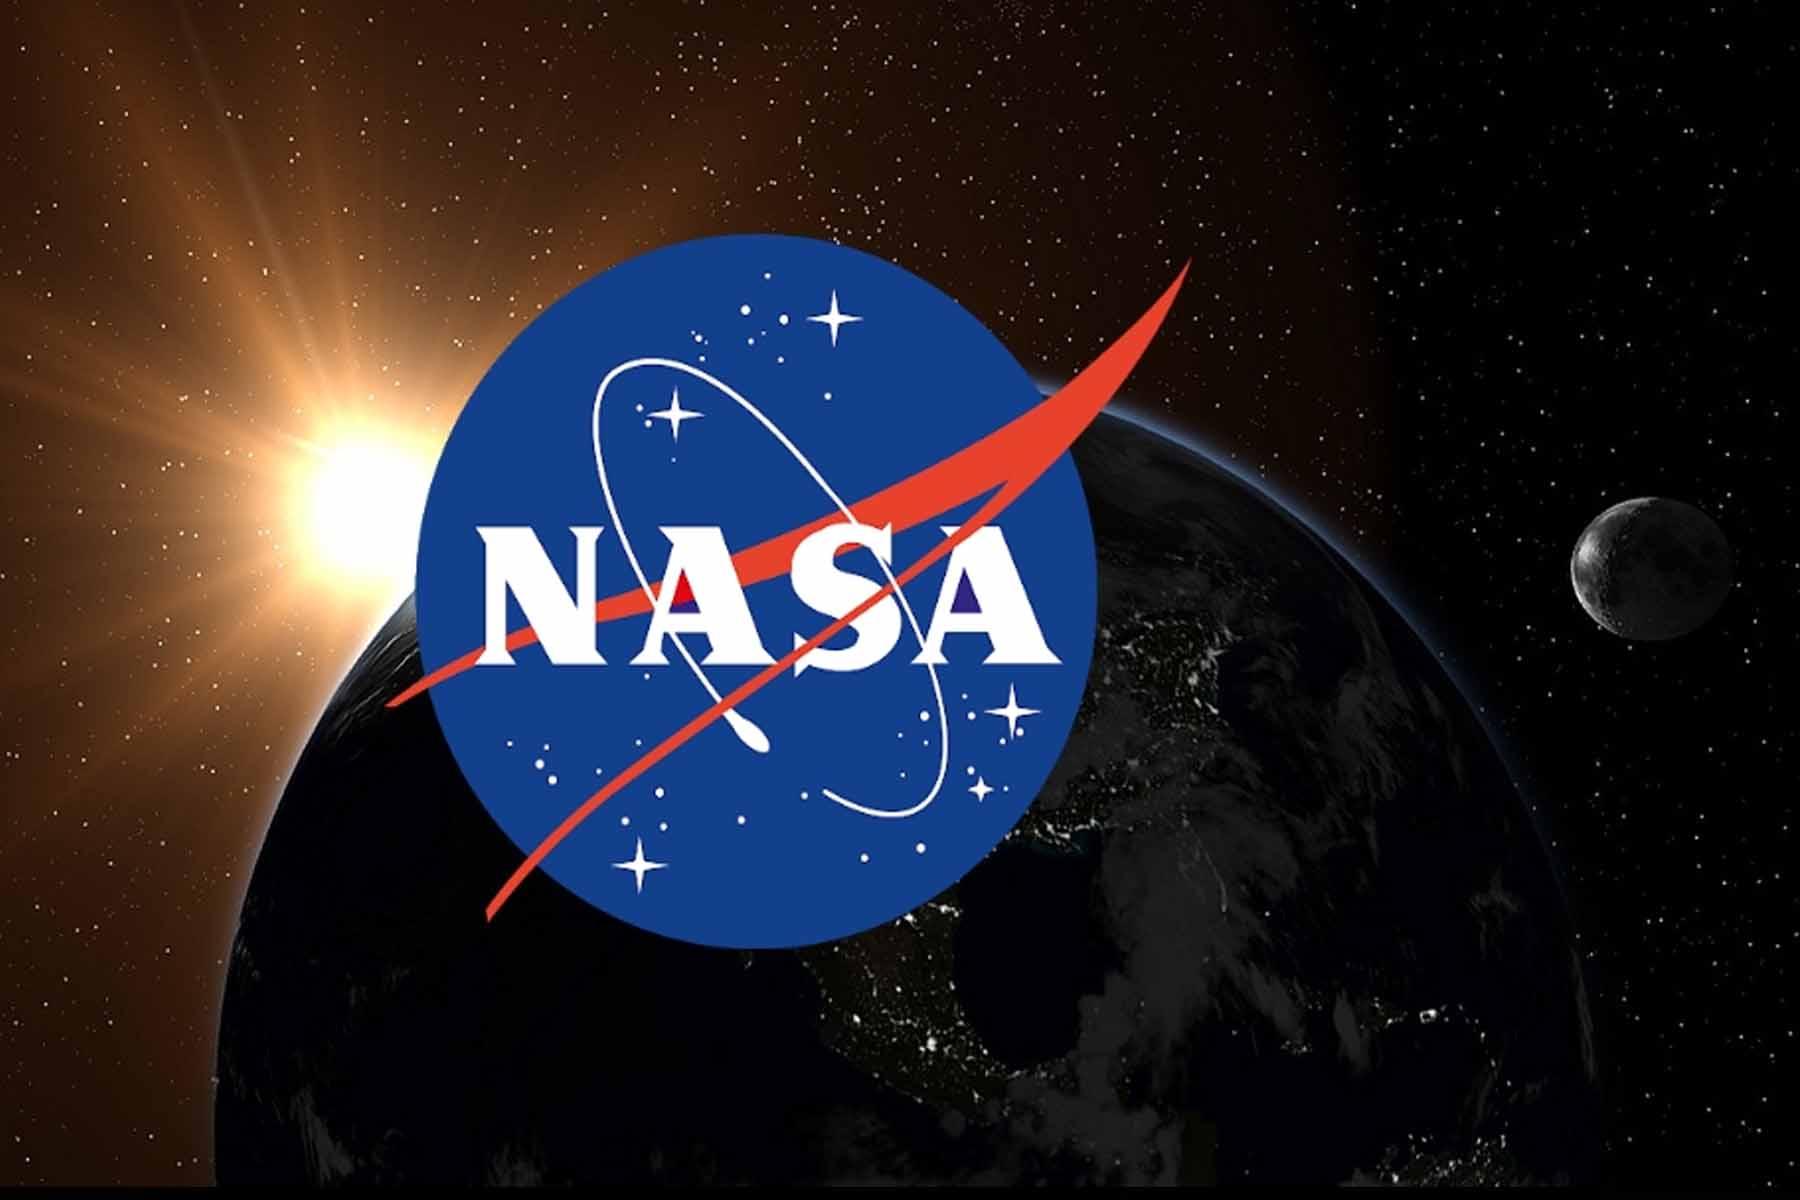 Gempar!!! Dakwaan Matahari Akan Terbit Dari Sebelah Barat Adalah Palsu, Lapor NASA